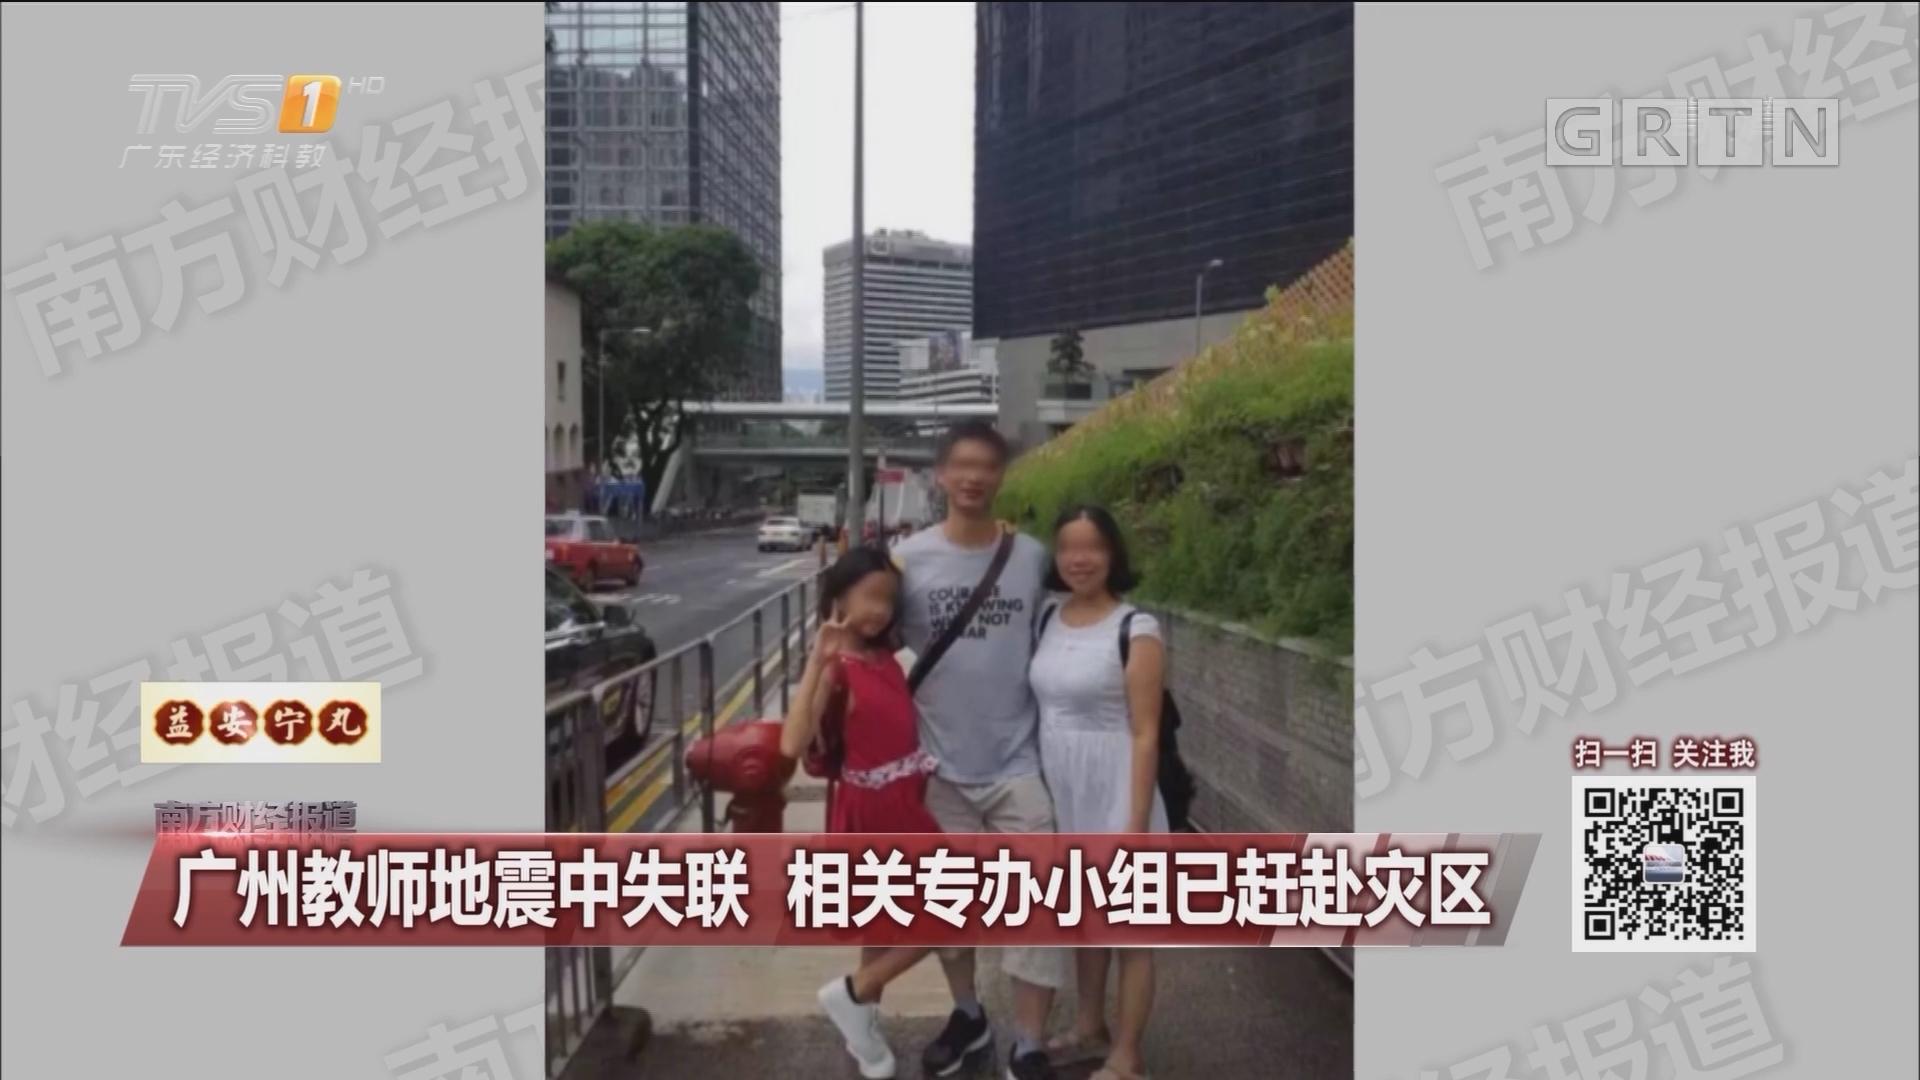 广州教师地震中失联 相关专办小组已赶赴灾区